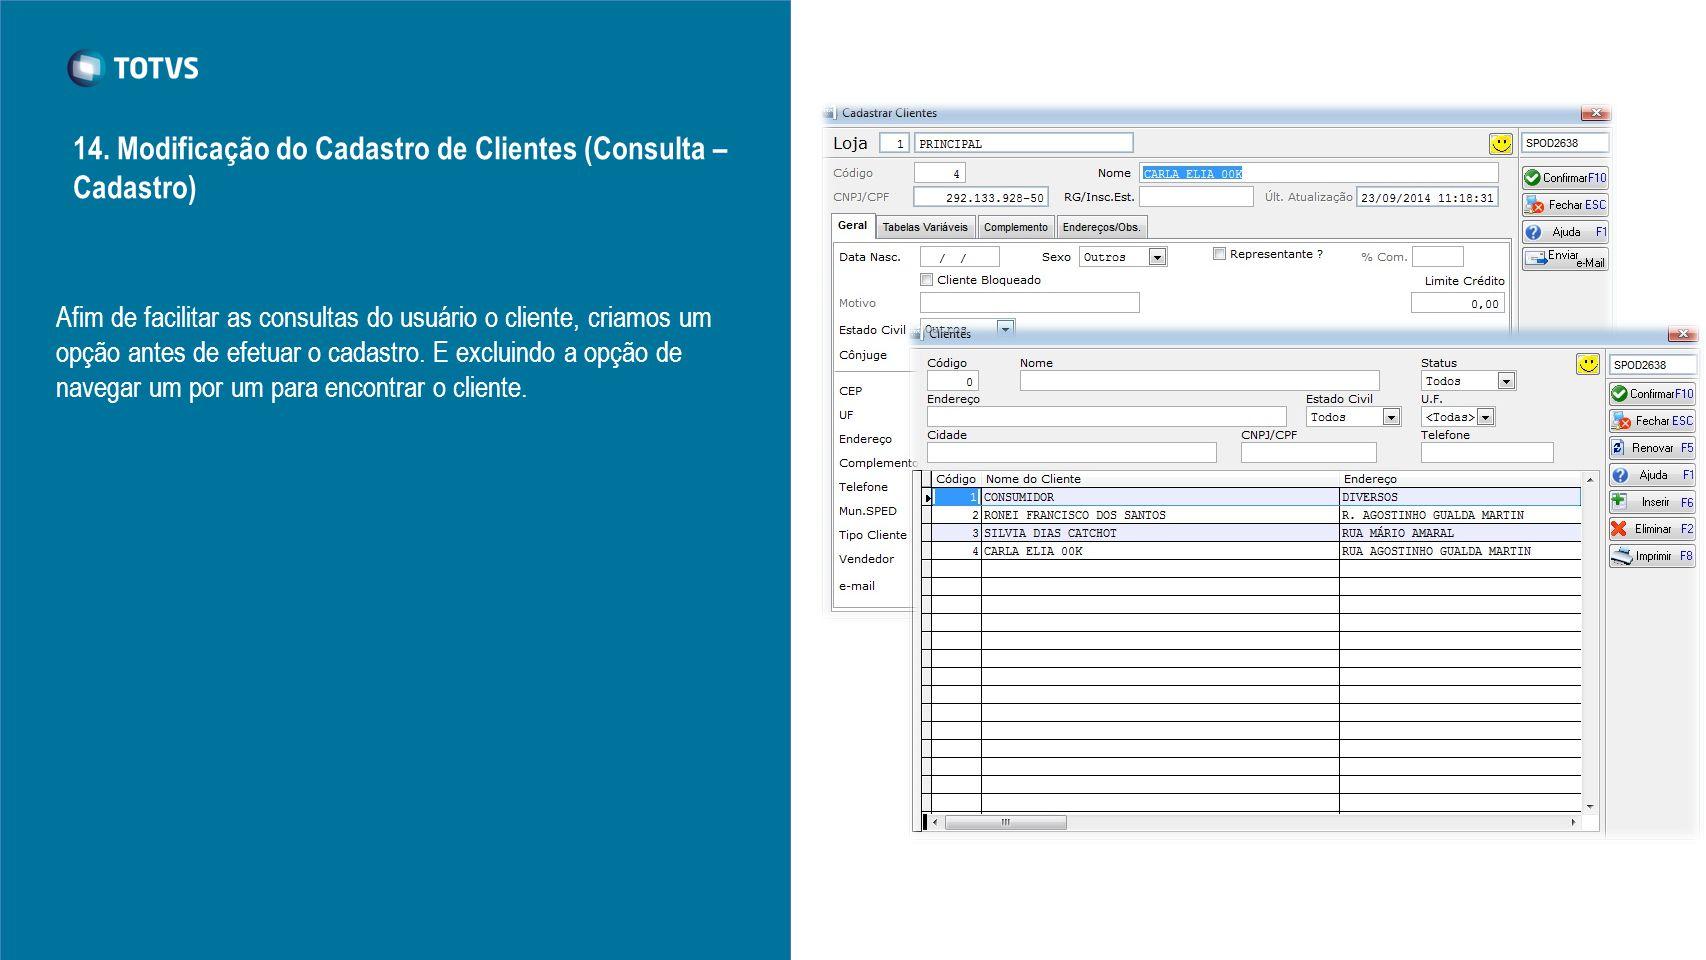 Afim de facilitar as consultas do usuário o cliente, criamos um opção antes de efetuar o cadastro.